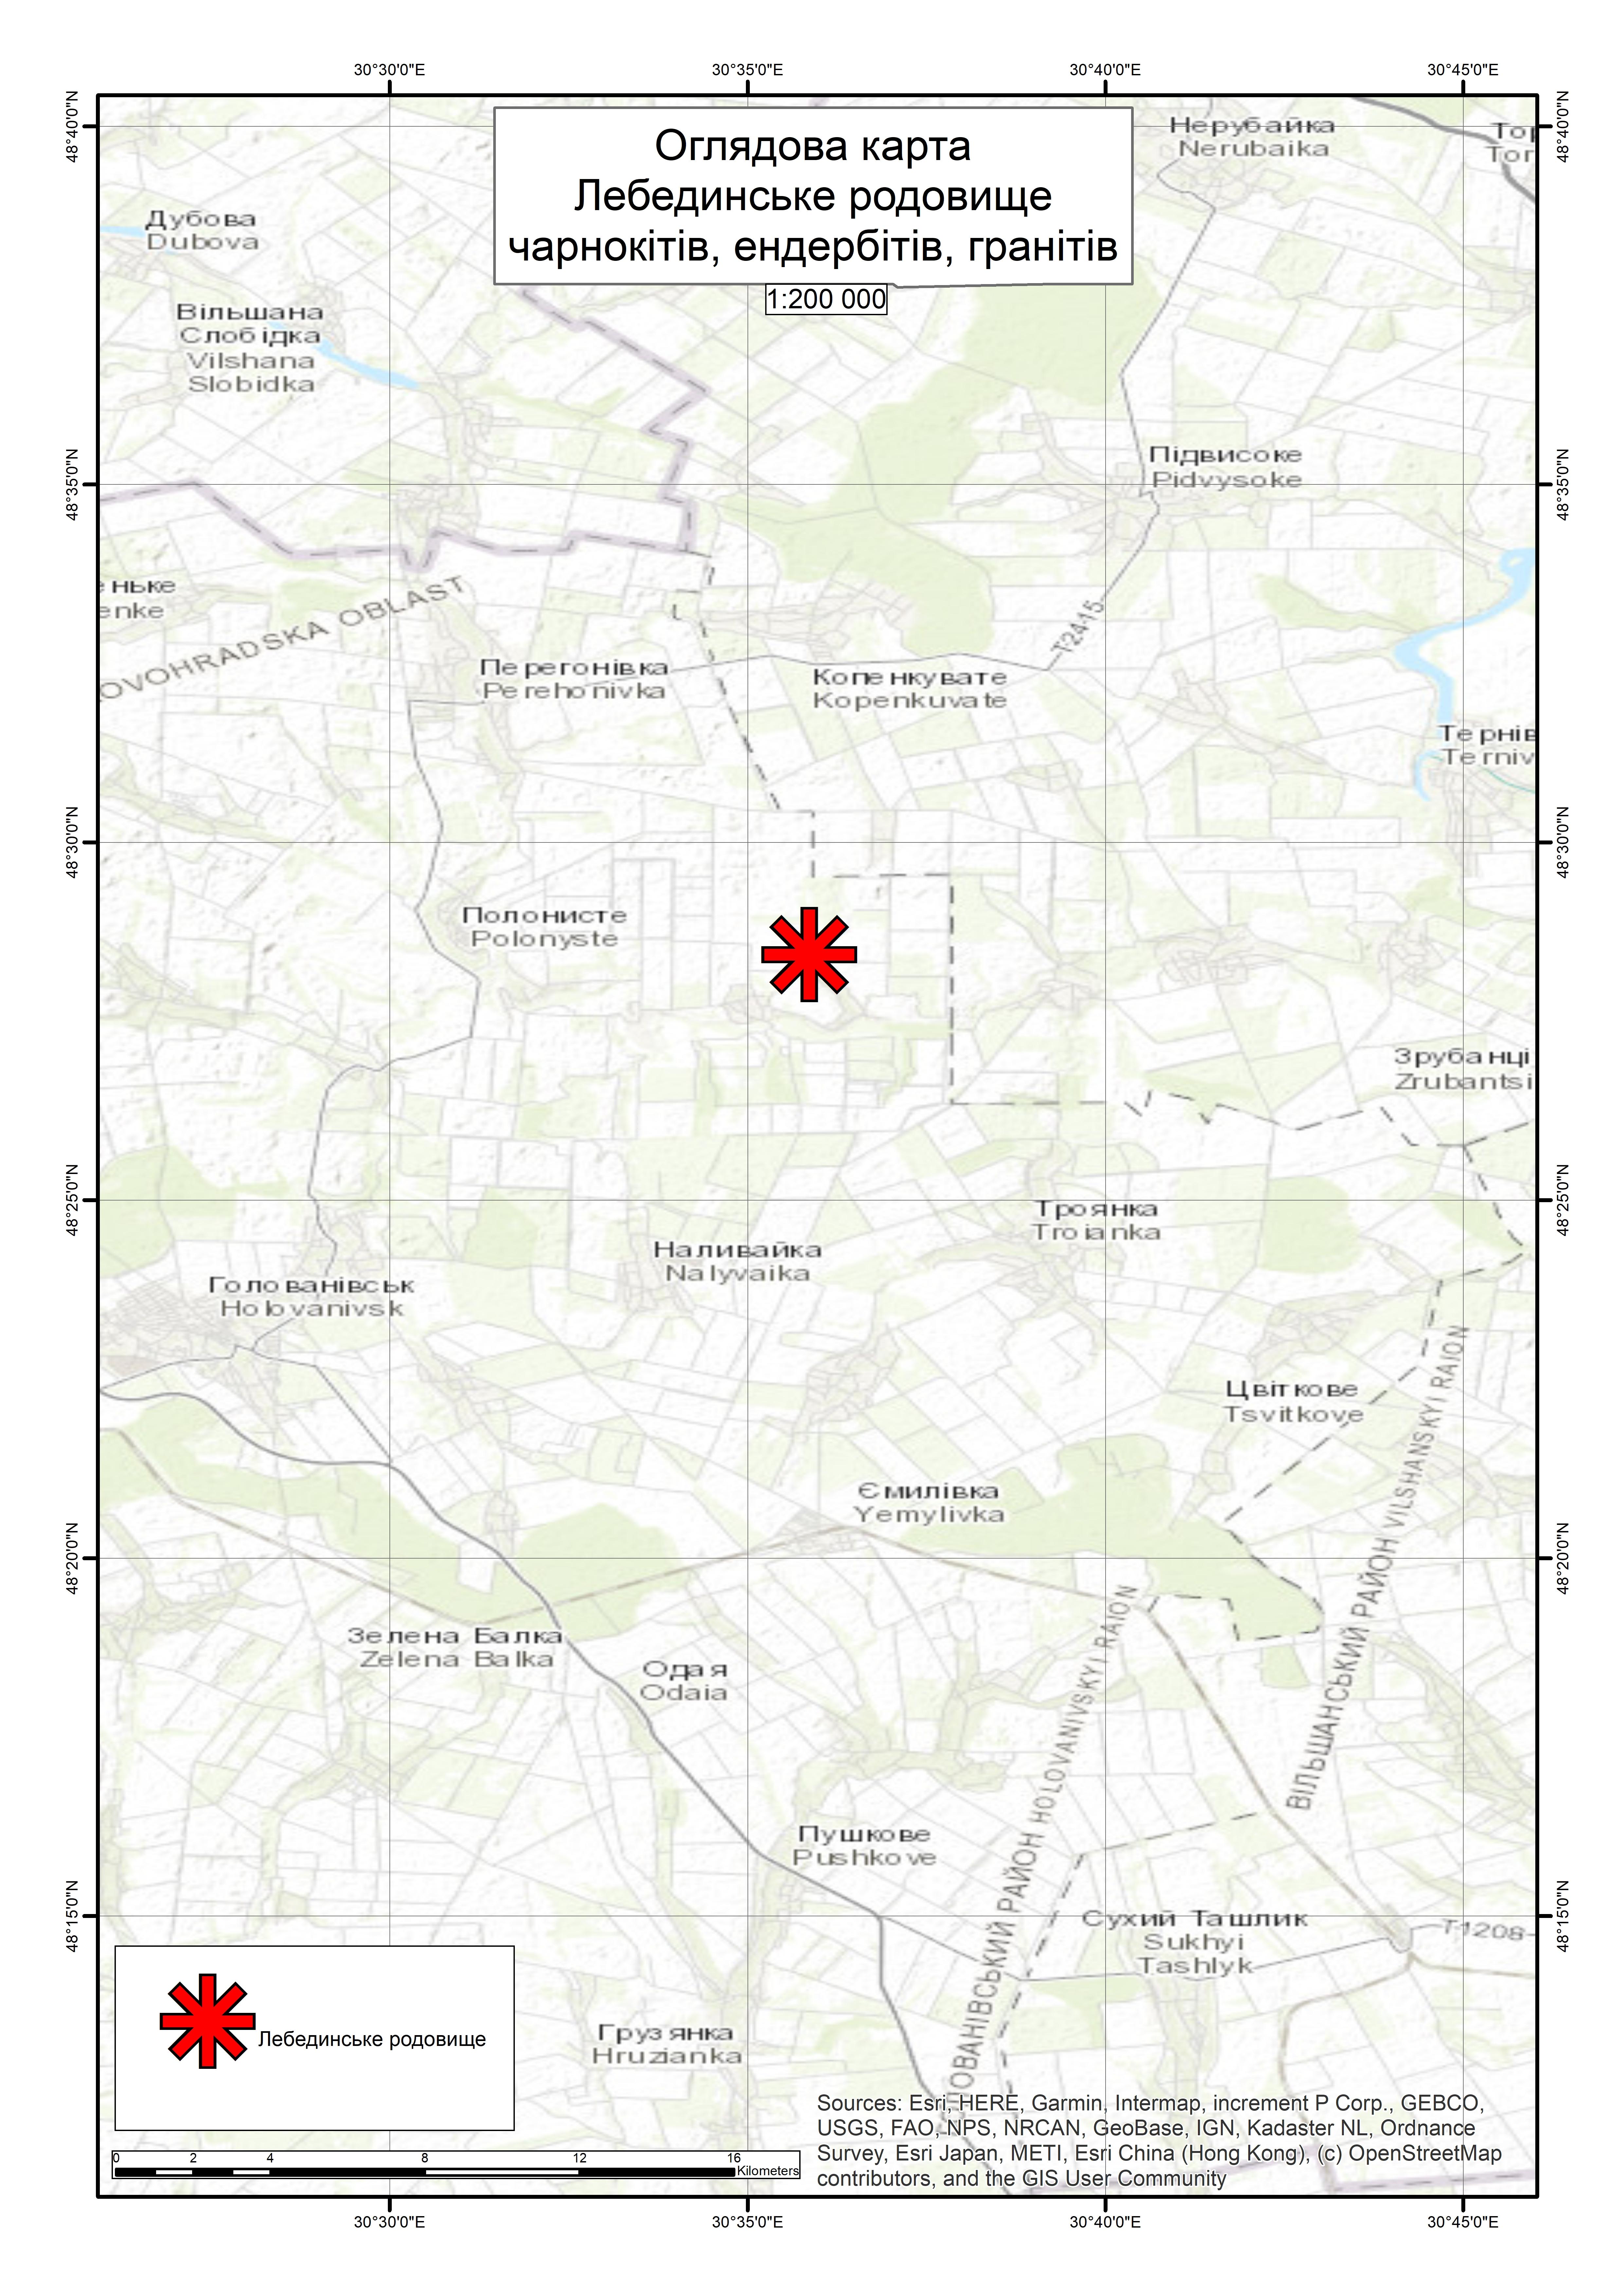 Спеціальний дозвіл на користування надрами – Лебединське родовище. Вартість геологічної інформації – 99 905,28 грн (з ПДВ). Вартість пакету аукціонної документації – 43 588,80 грн (з ПДВ).